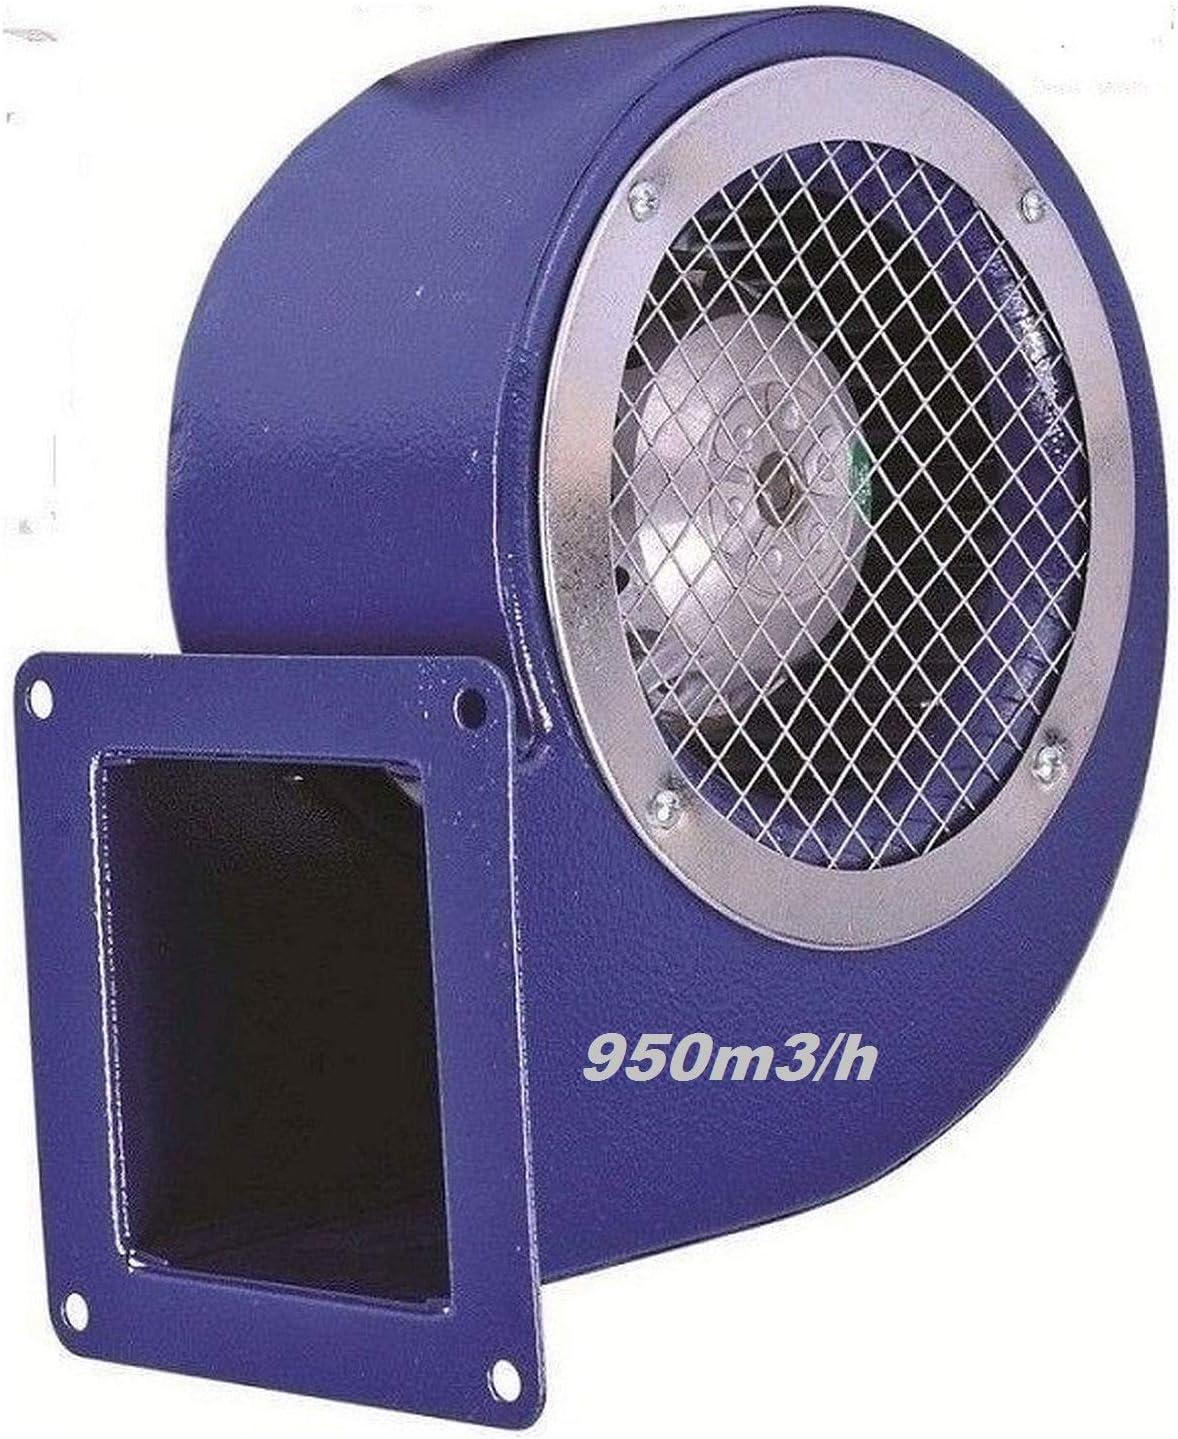 950m³/h Ventilador industrial Ventilación Extractor Ventiladores ventiladore industriales Axial axiales extractores centrifugo aspiracion